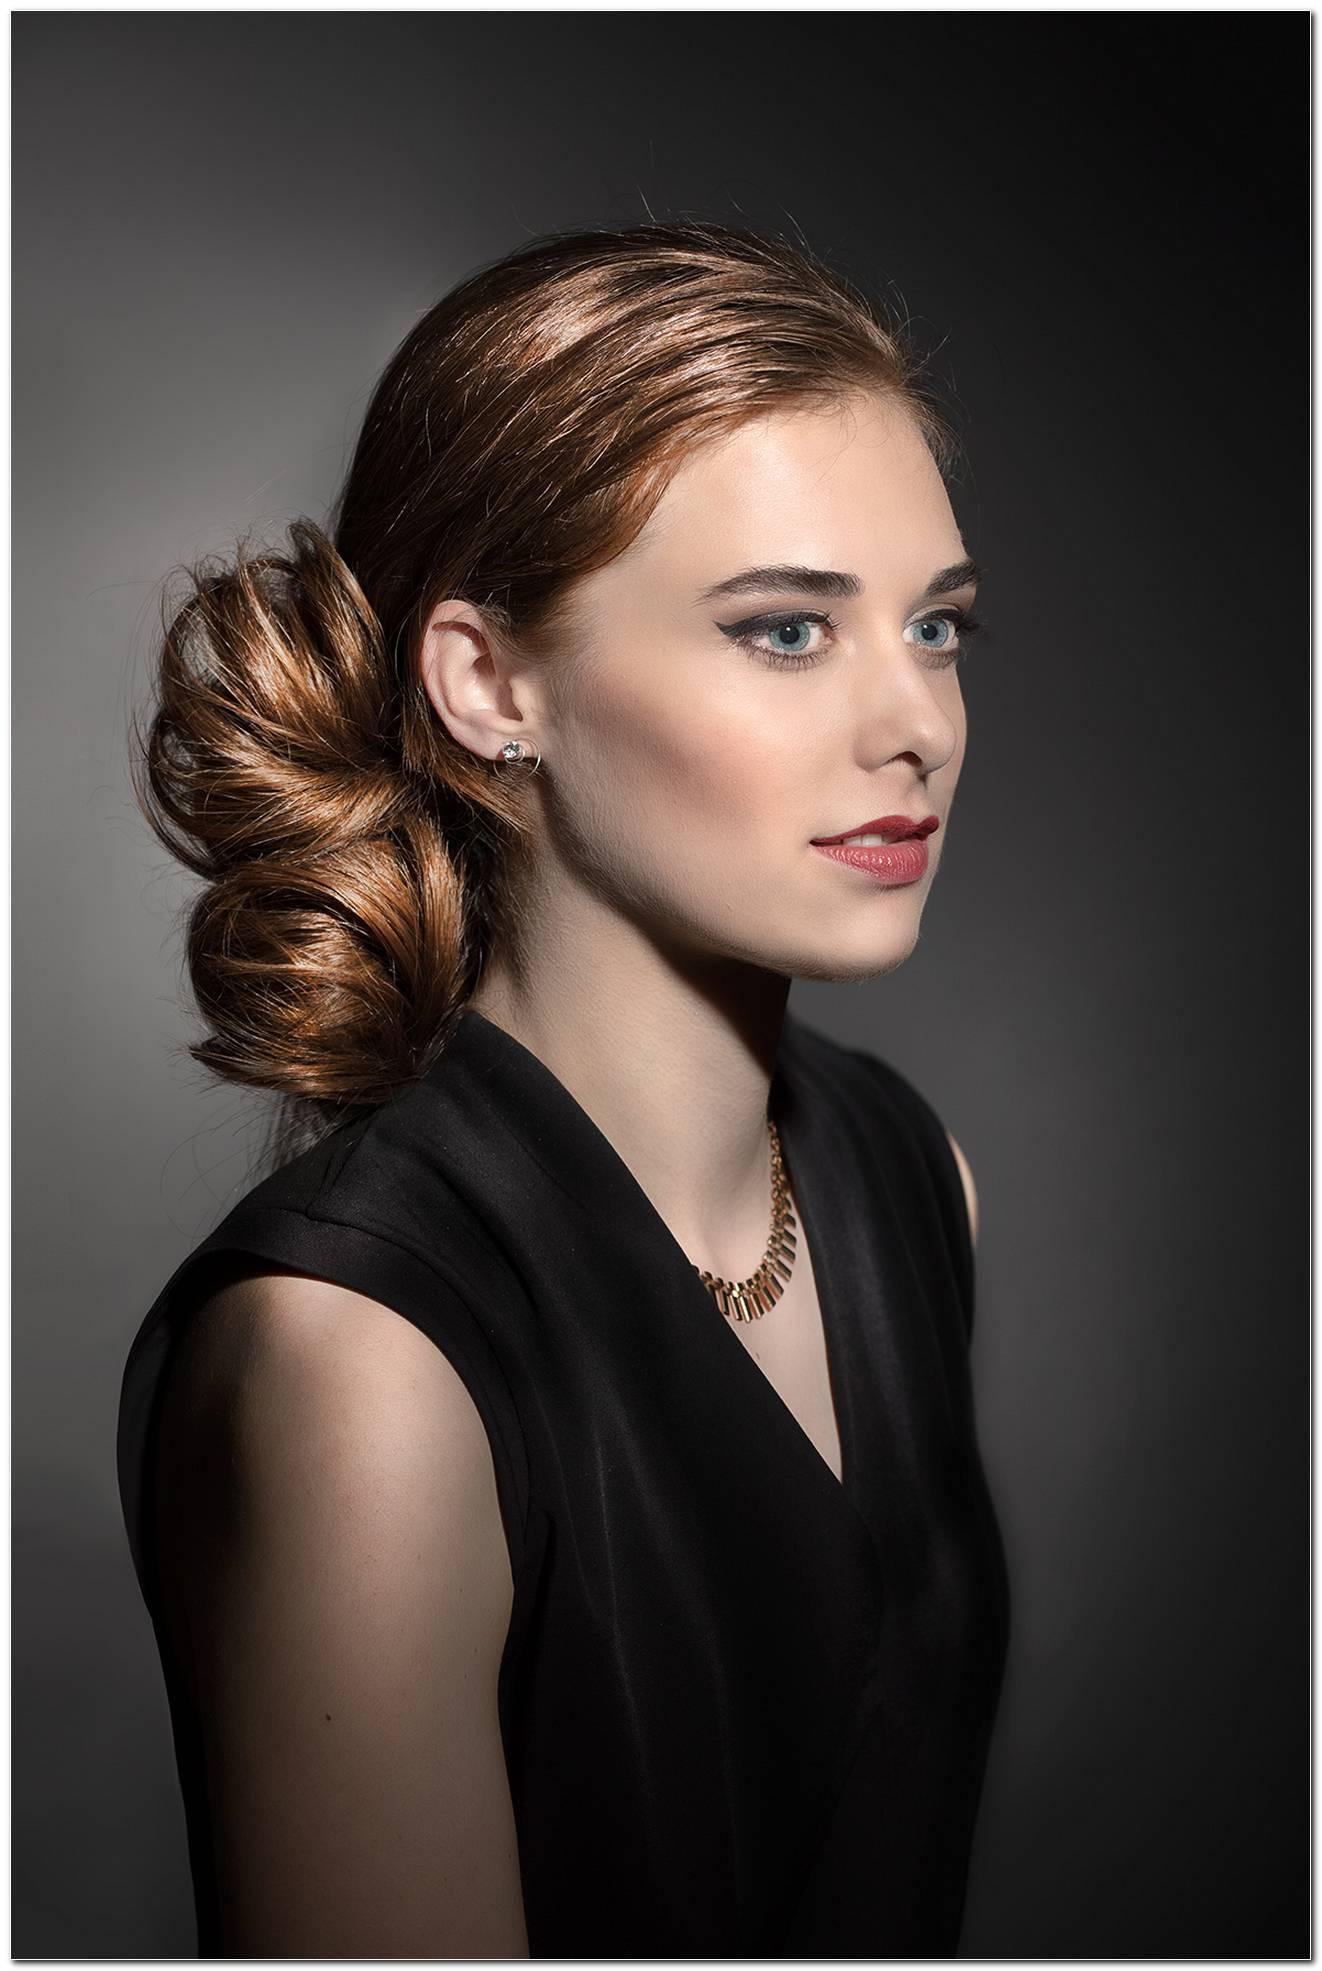 Frisuren 2014 Langes Haar